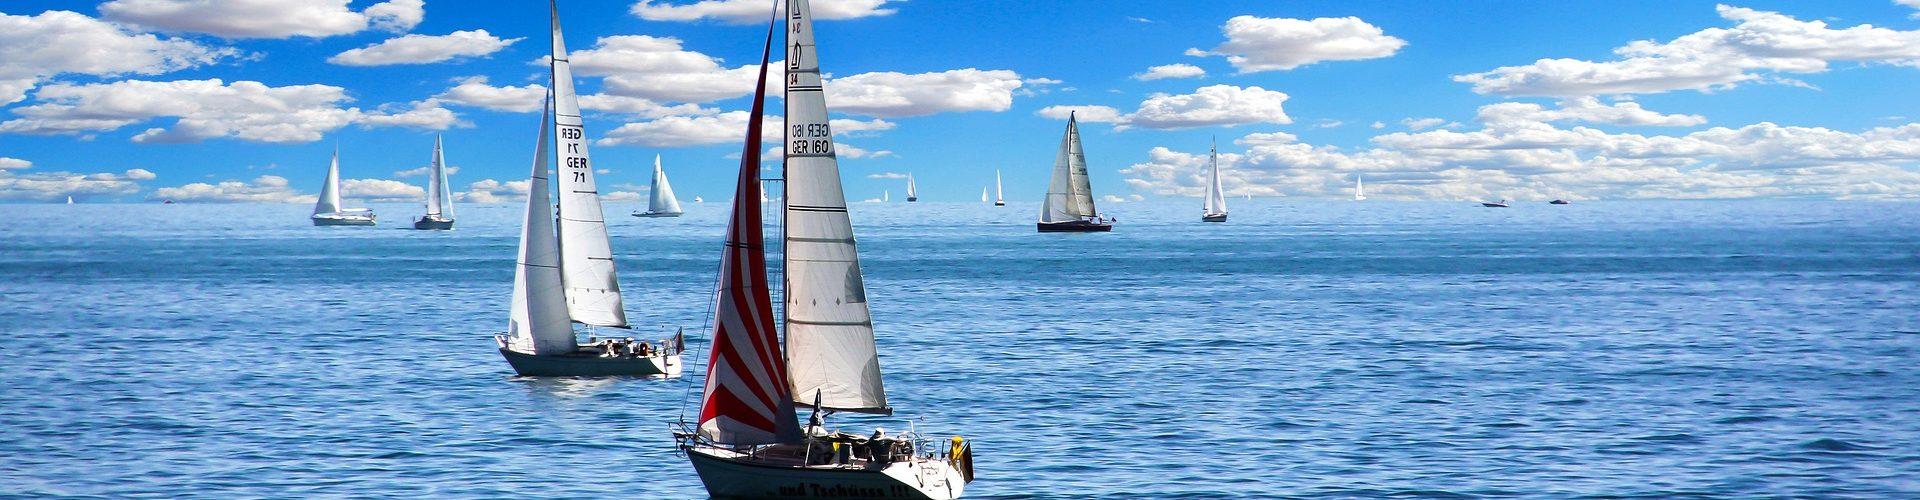 segeln lernen in Hammerstein segelschein machen in Hammerstein 1920x500 - Segeln lernen in Hammerstein